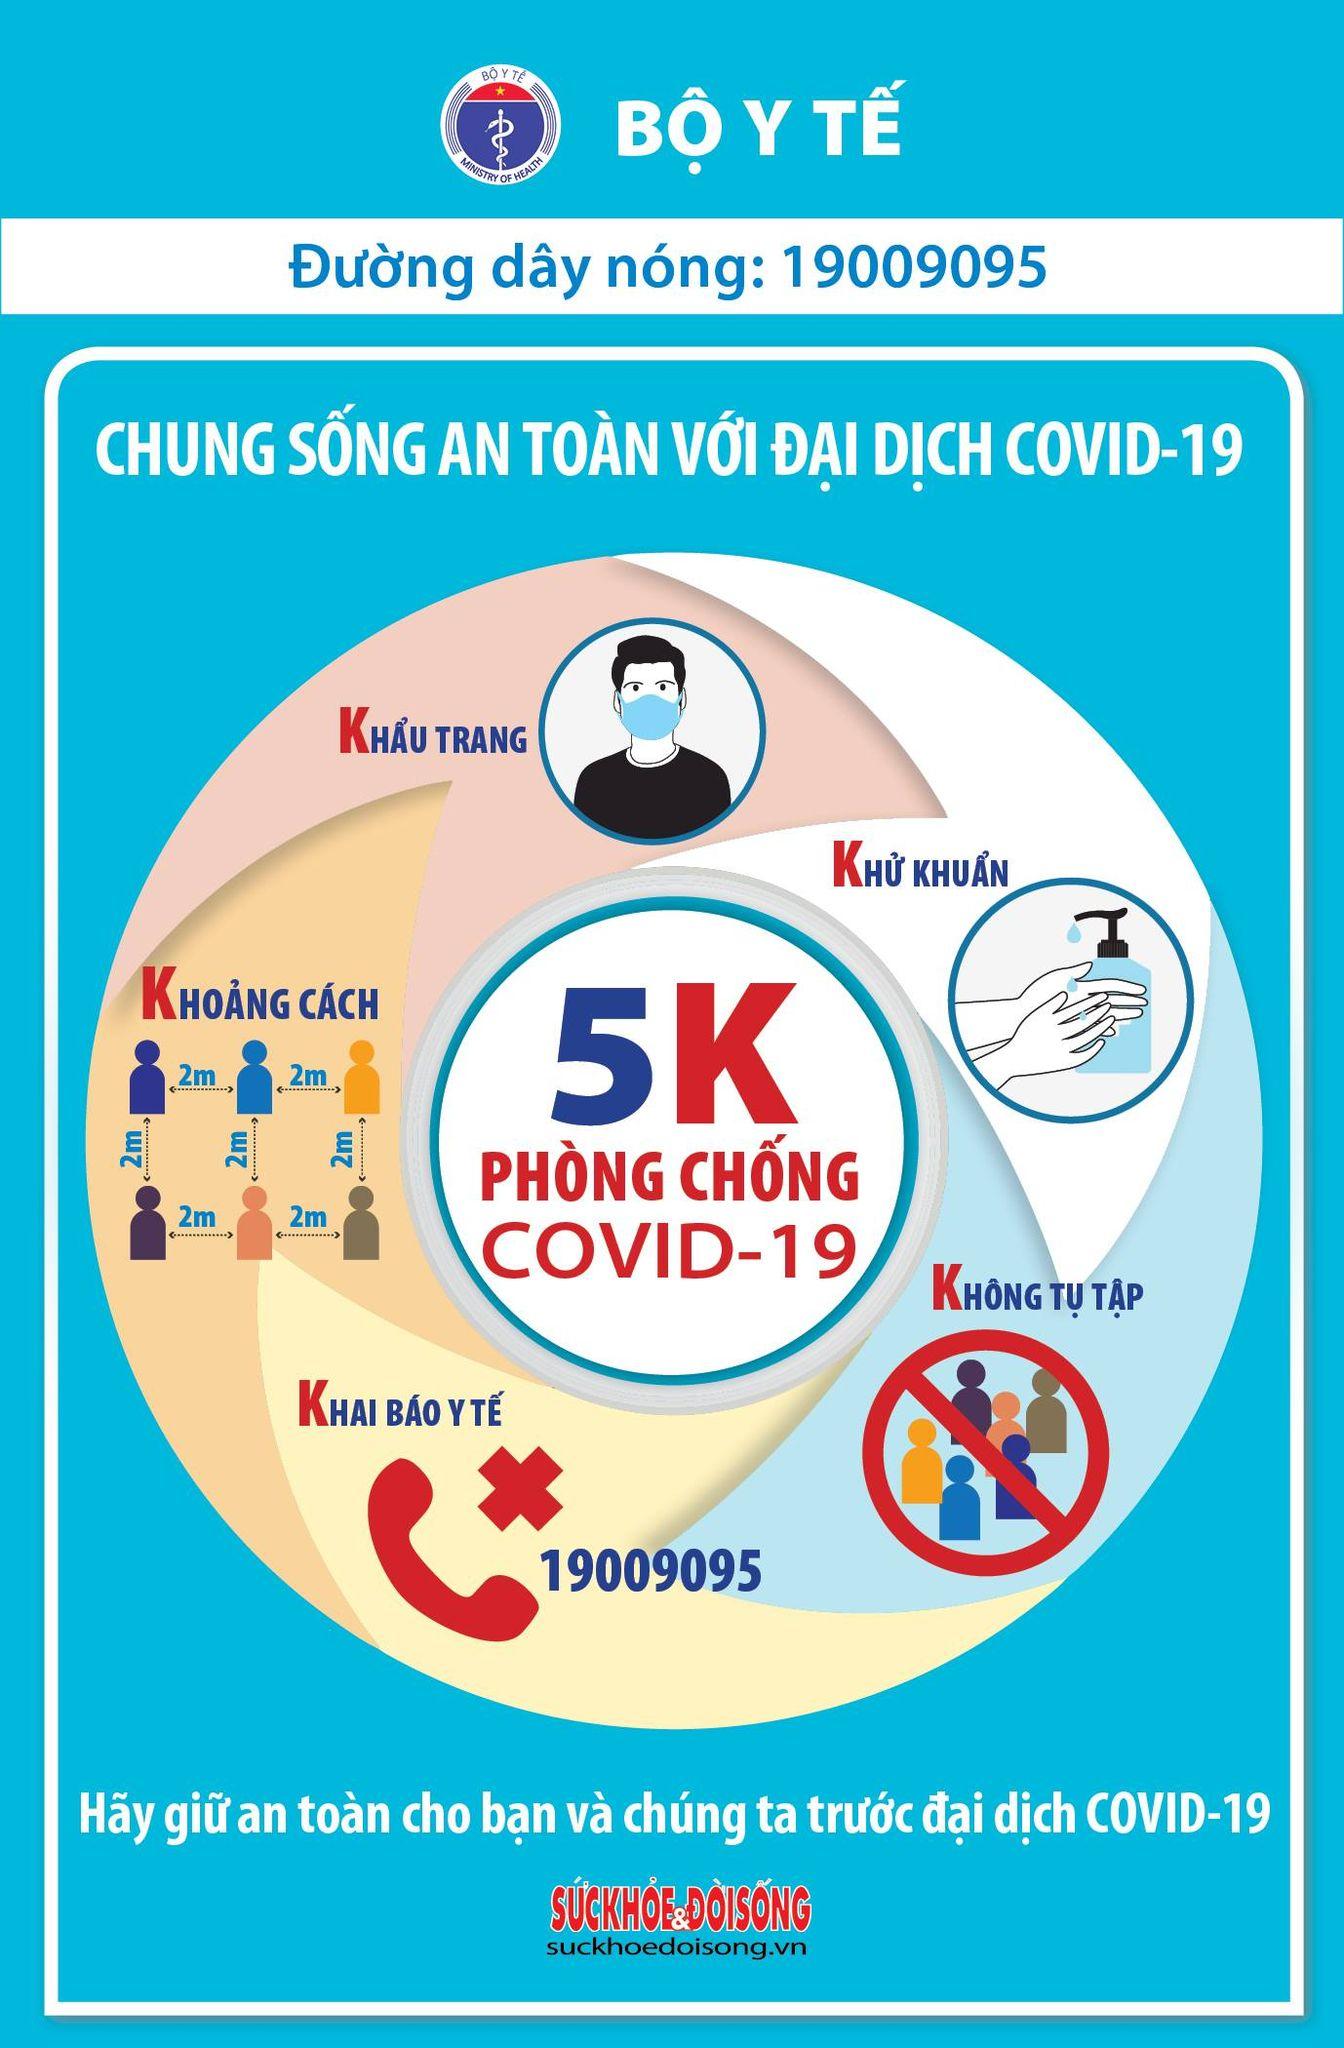 12h qua: Việt Nam không thêm ca mắc COVID-19, thế giới thêm hơn 718.000 ca - Ảnh 2.